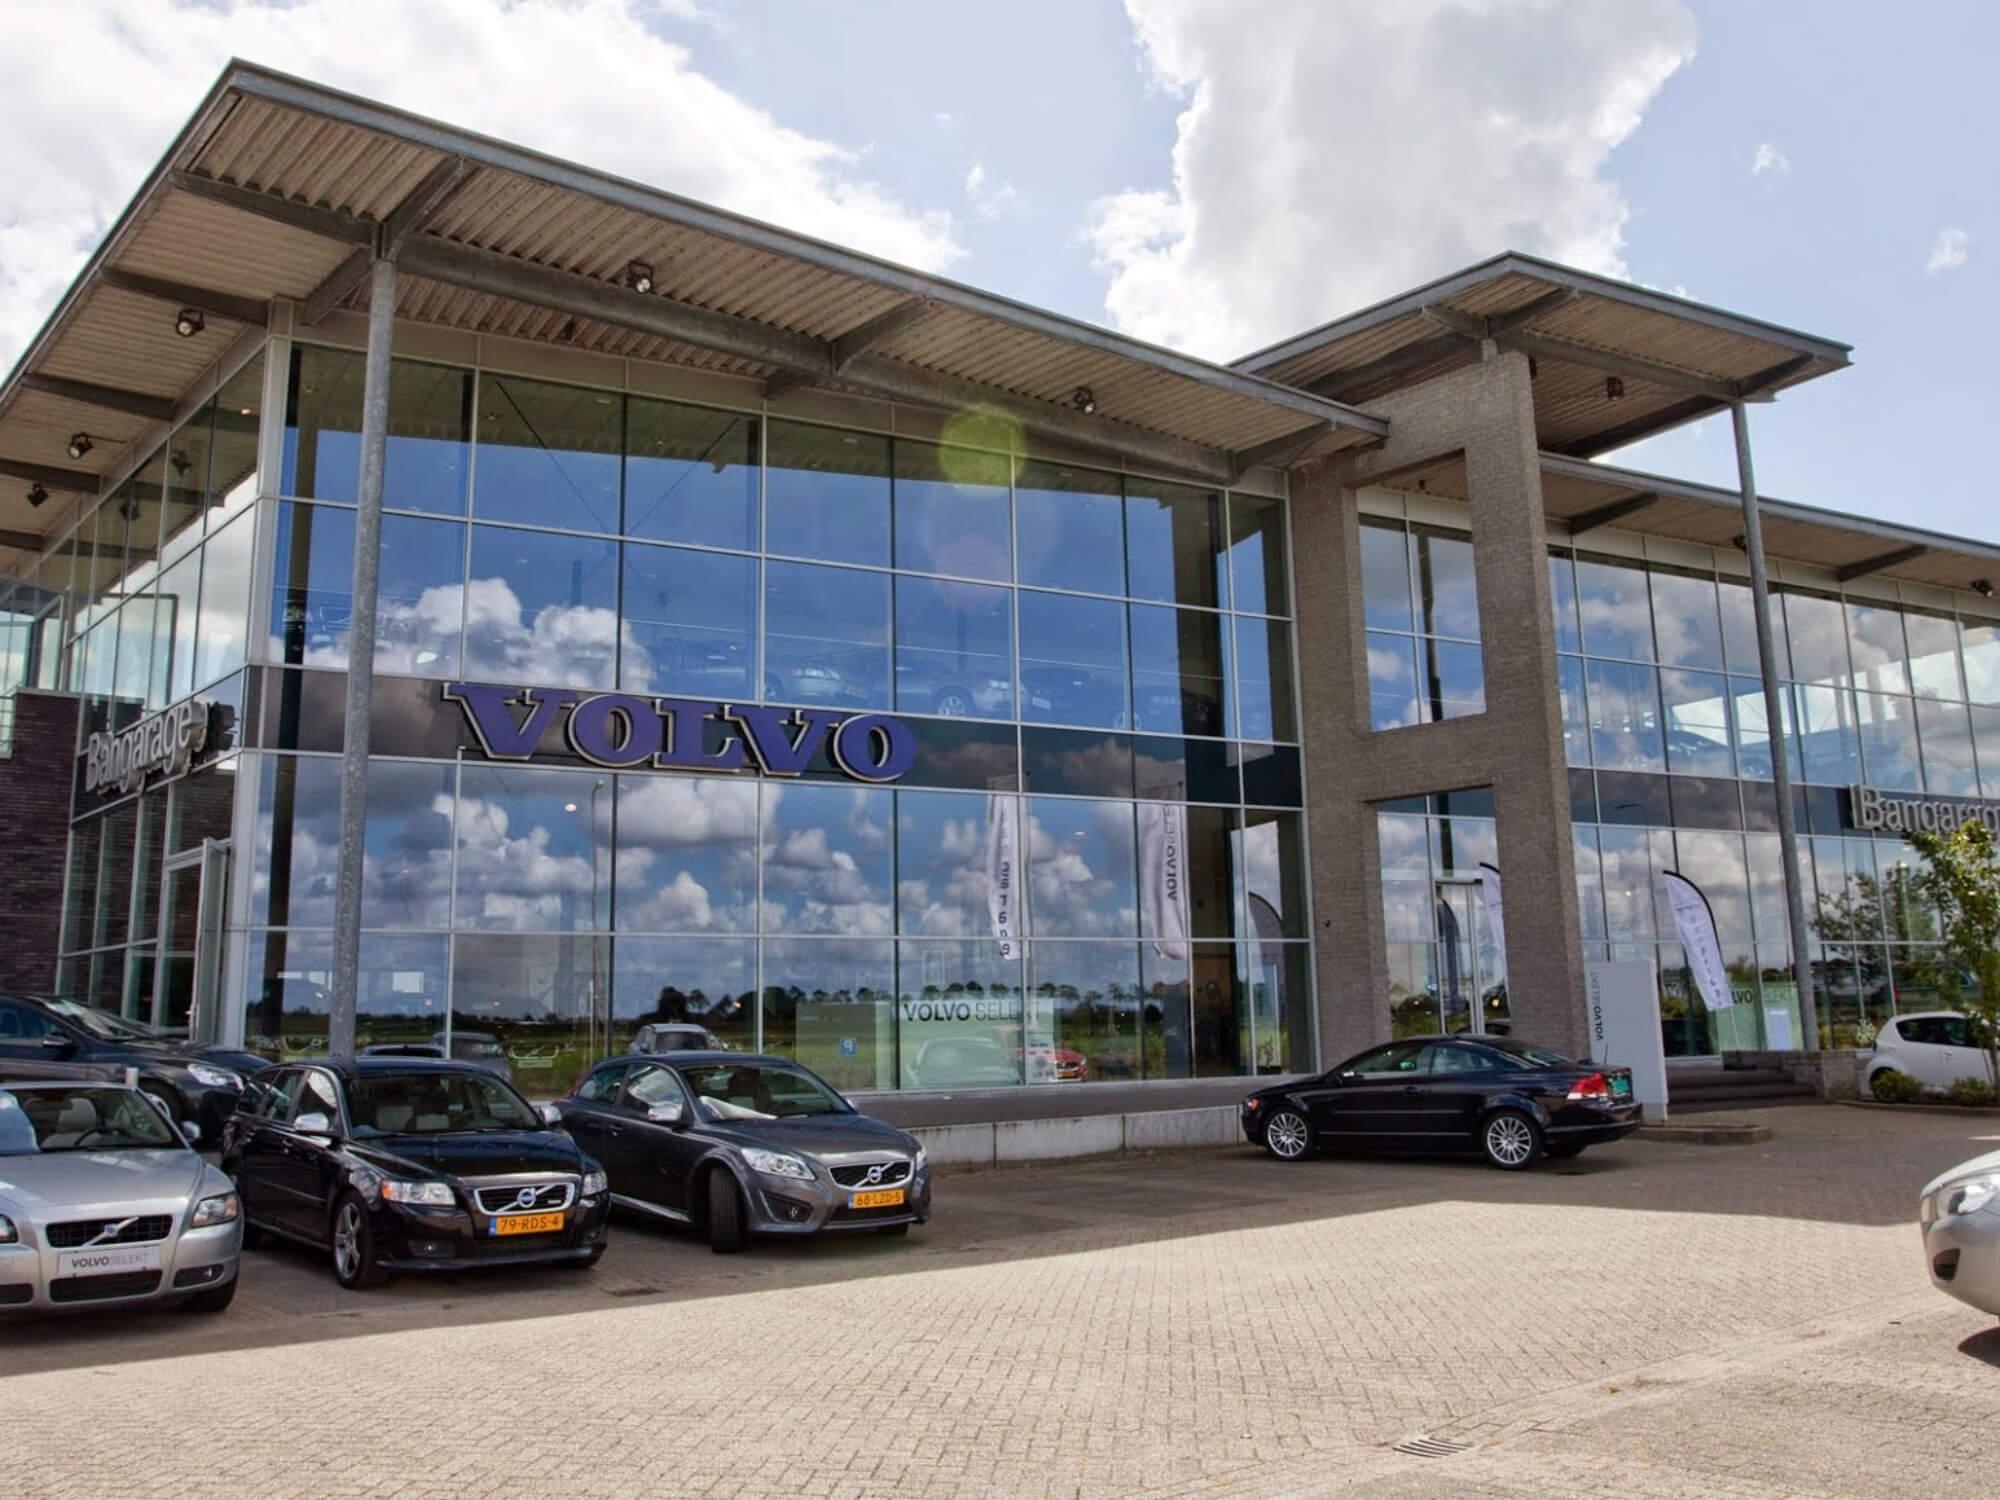 Volvo Bangarage Mijdrecht